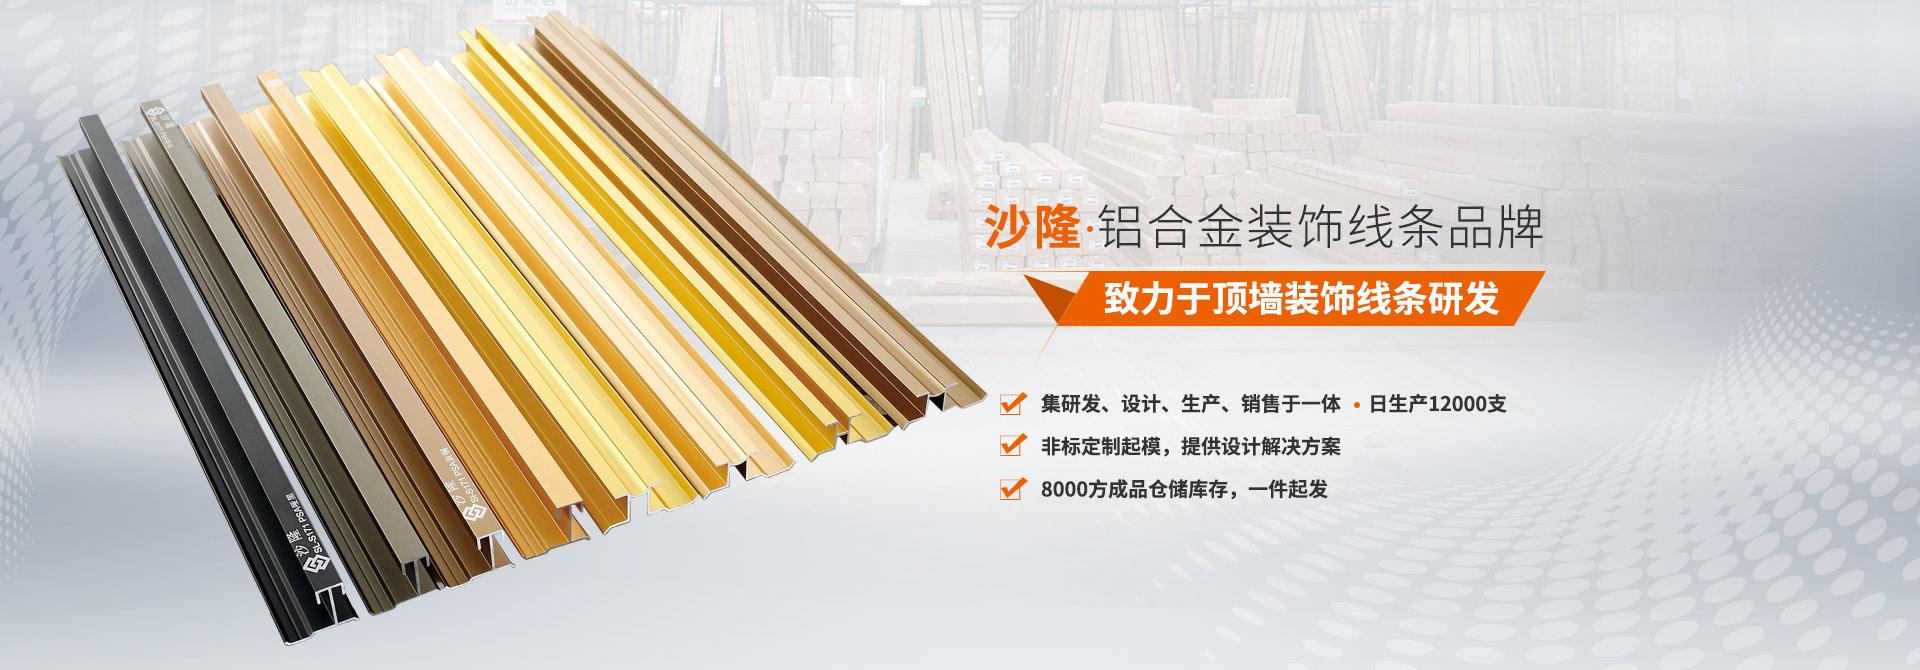 沙隆装饰提供装饰线条整体定制方案-沙隆装饰